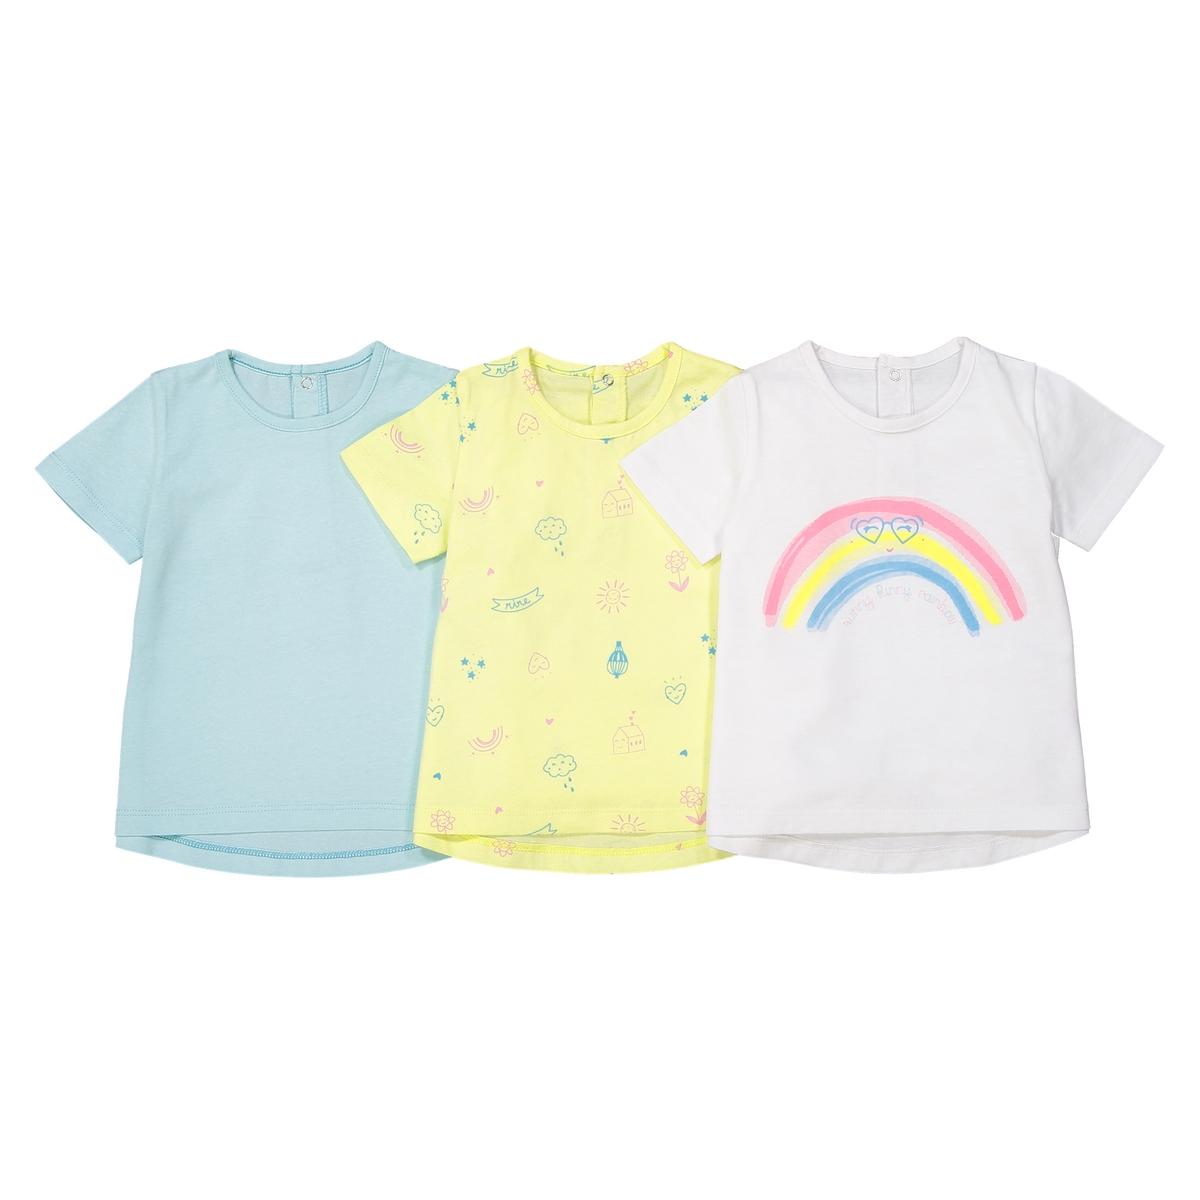 Комплект из 3 футболок, знак Oeko Tex, 1 мес. - 3 года